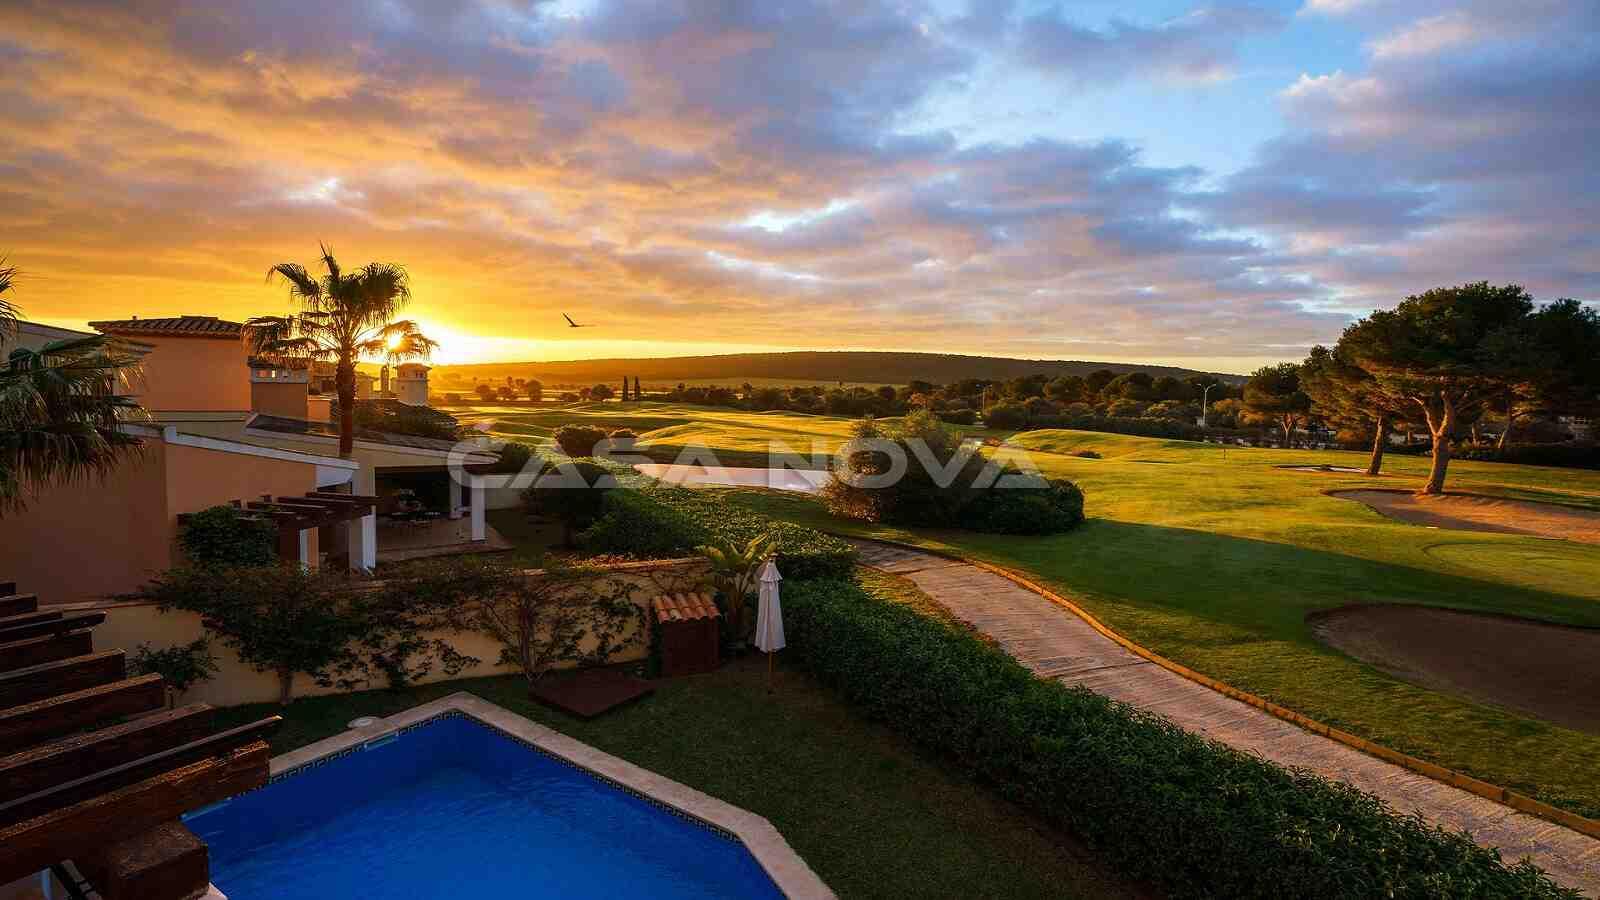 Ref. 2303031 - Attraktive Mallorca Villa in 1. Linie zum Golfplatz